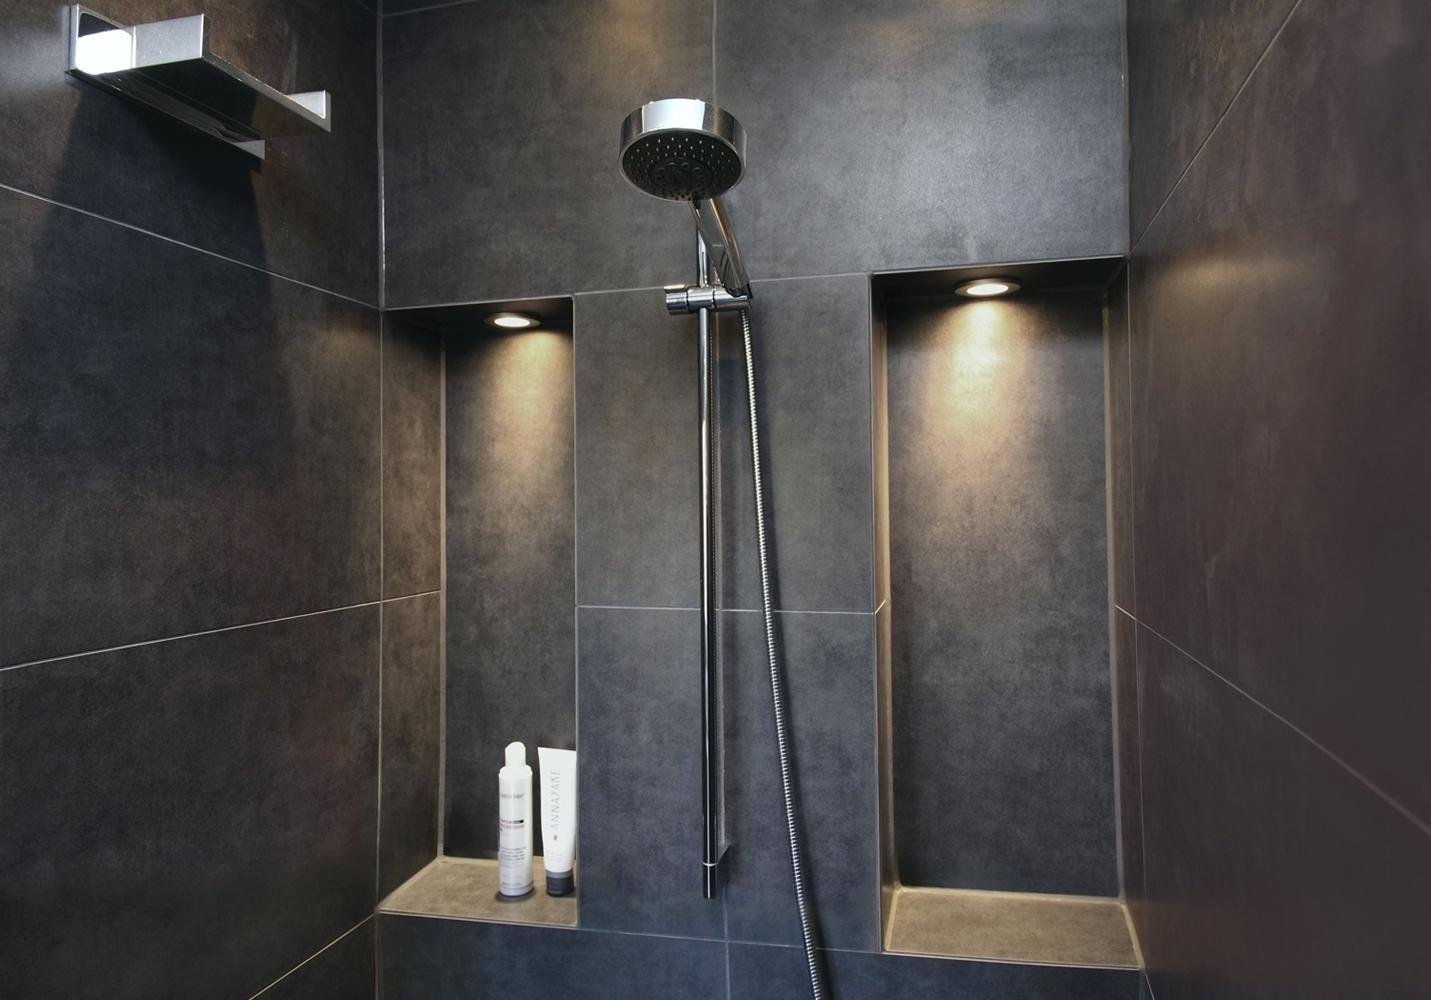 12 Dusche Leuchte Bad Lampe Badezimmer Der Licht In Ip Beleuchtung